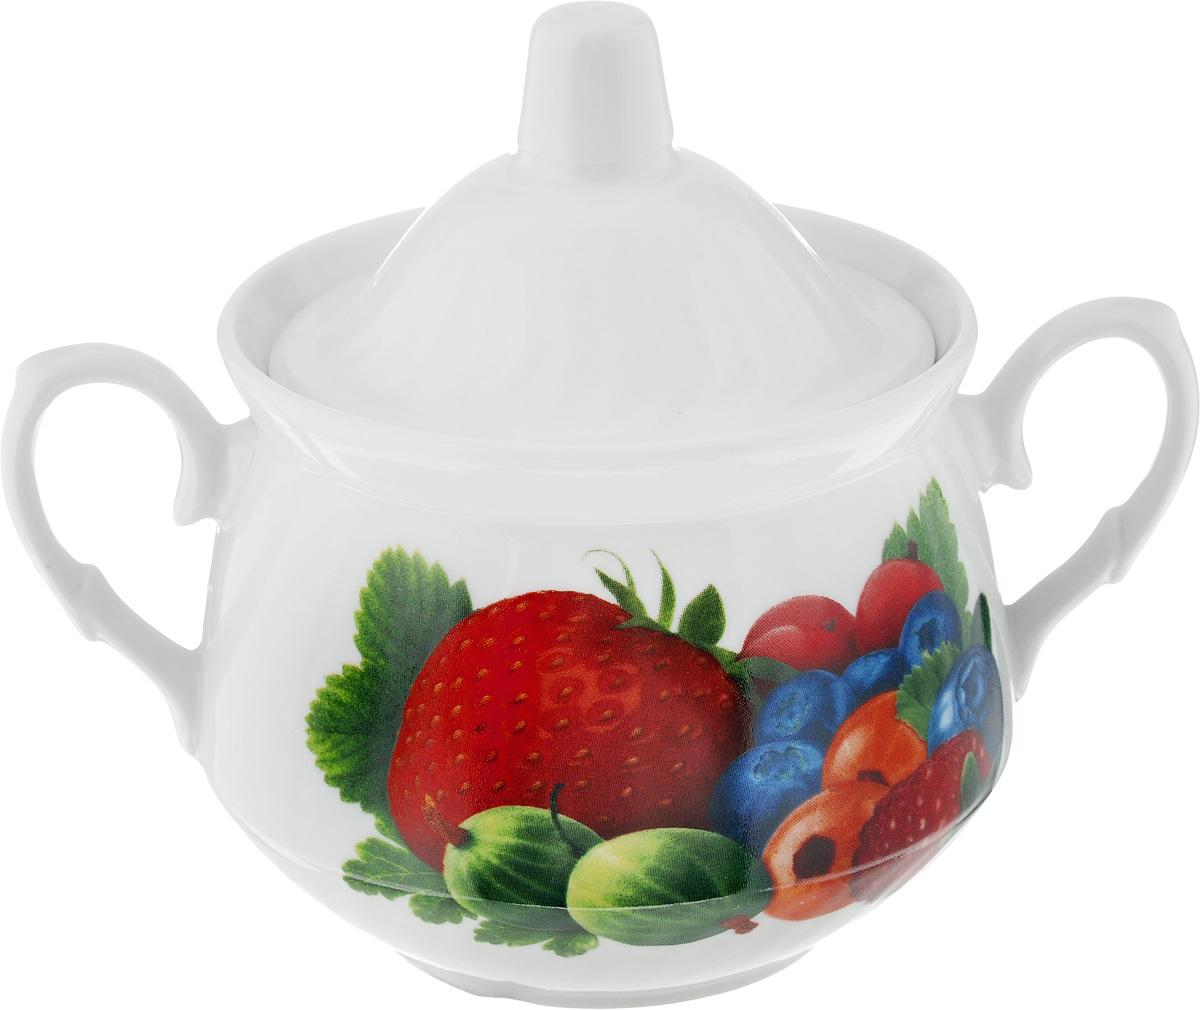 Сахарница Кирмаш. Садовые ягоды, 450 мл2С0521_садовые ягодыВеликолепная сахарница Кирмаш. Садовые ягоды, выполненная из высококачественного фарфора, оснащена крышкой и 2 ручками по бокам. Изделие украшено ярким рисунком. Эксклюзивный дизайн, эстетичность и функциональность сахарницы делают ее незаменимой на любой кухне.Диаметр сахарницы (по верхнему краю): 10 см.Высота сахарницы (без учета крышки): 9 см.Ширина сахарницы (с учетом ручек): 16 см.